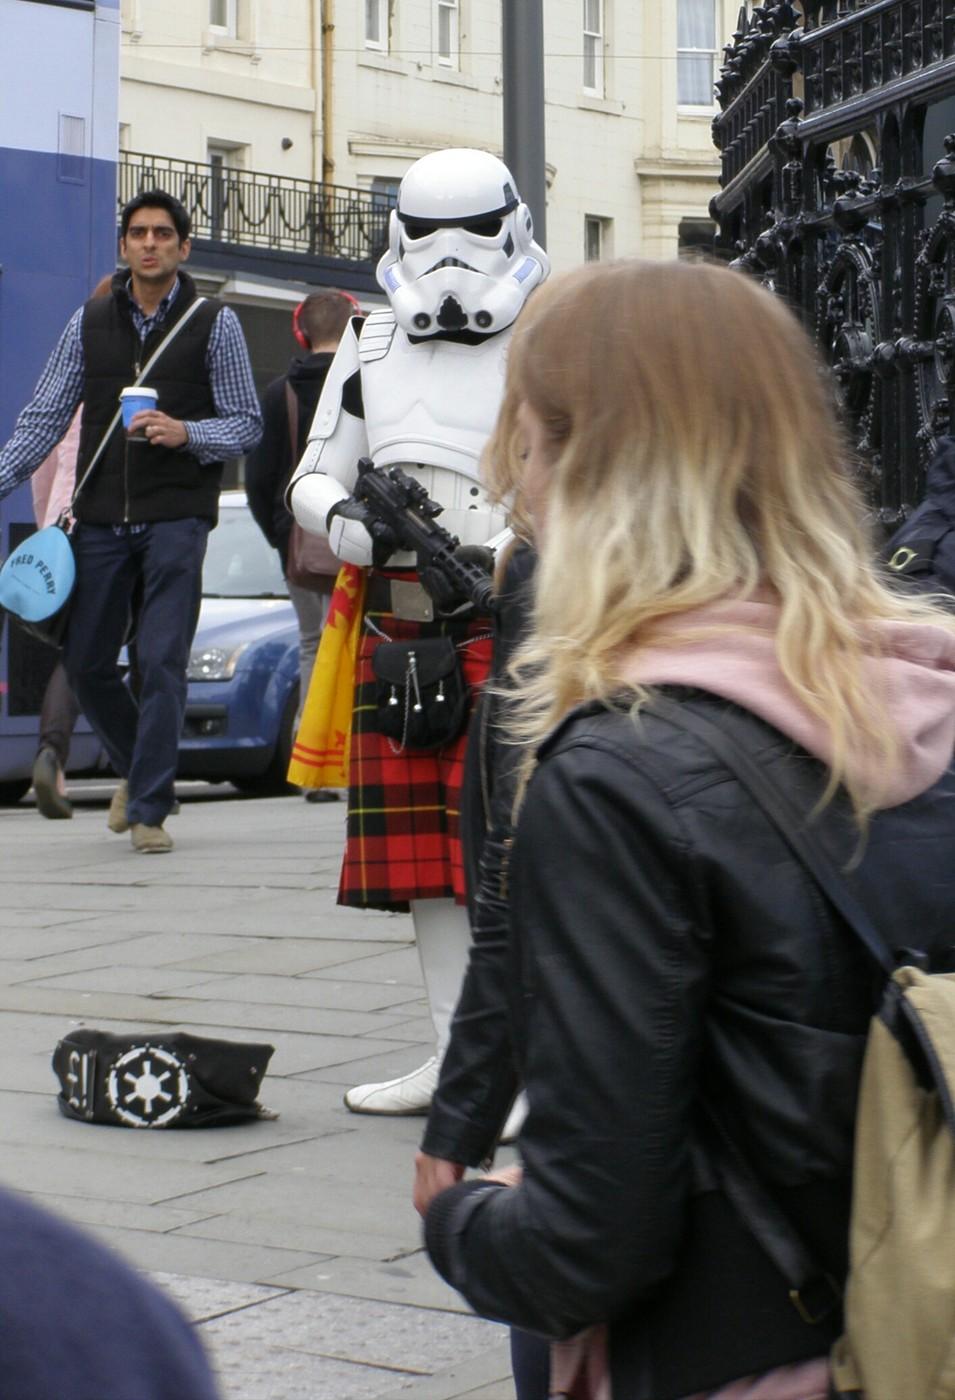 Kaukaisia vieraita Edinburghin festivaaleilla… (Kirjabloggaaja Edinburghissa osa 7)